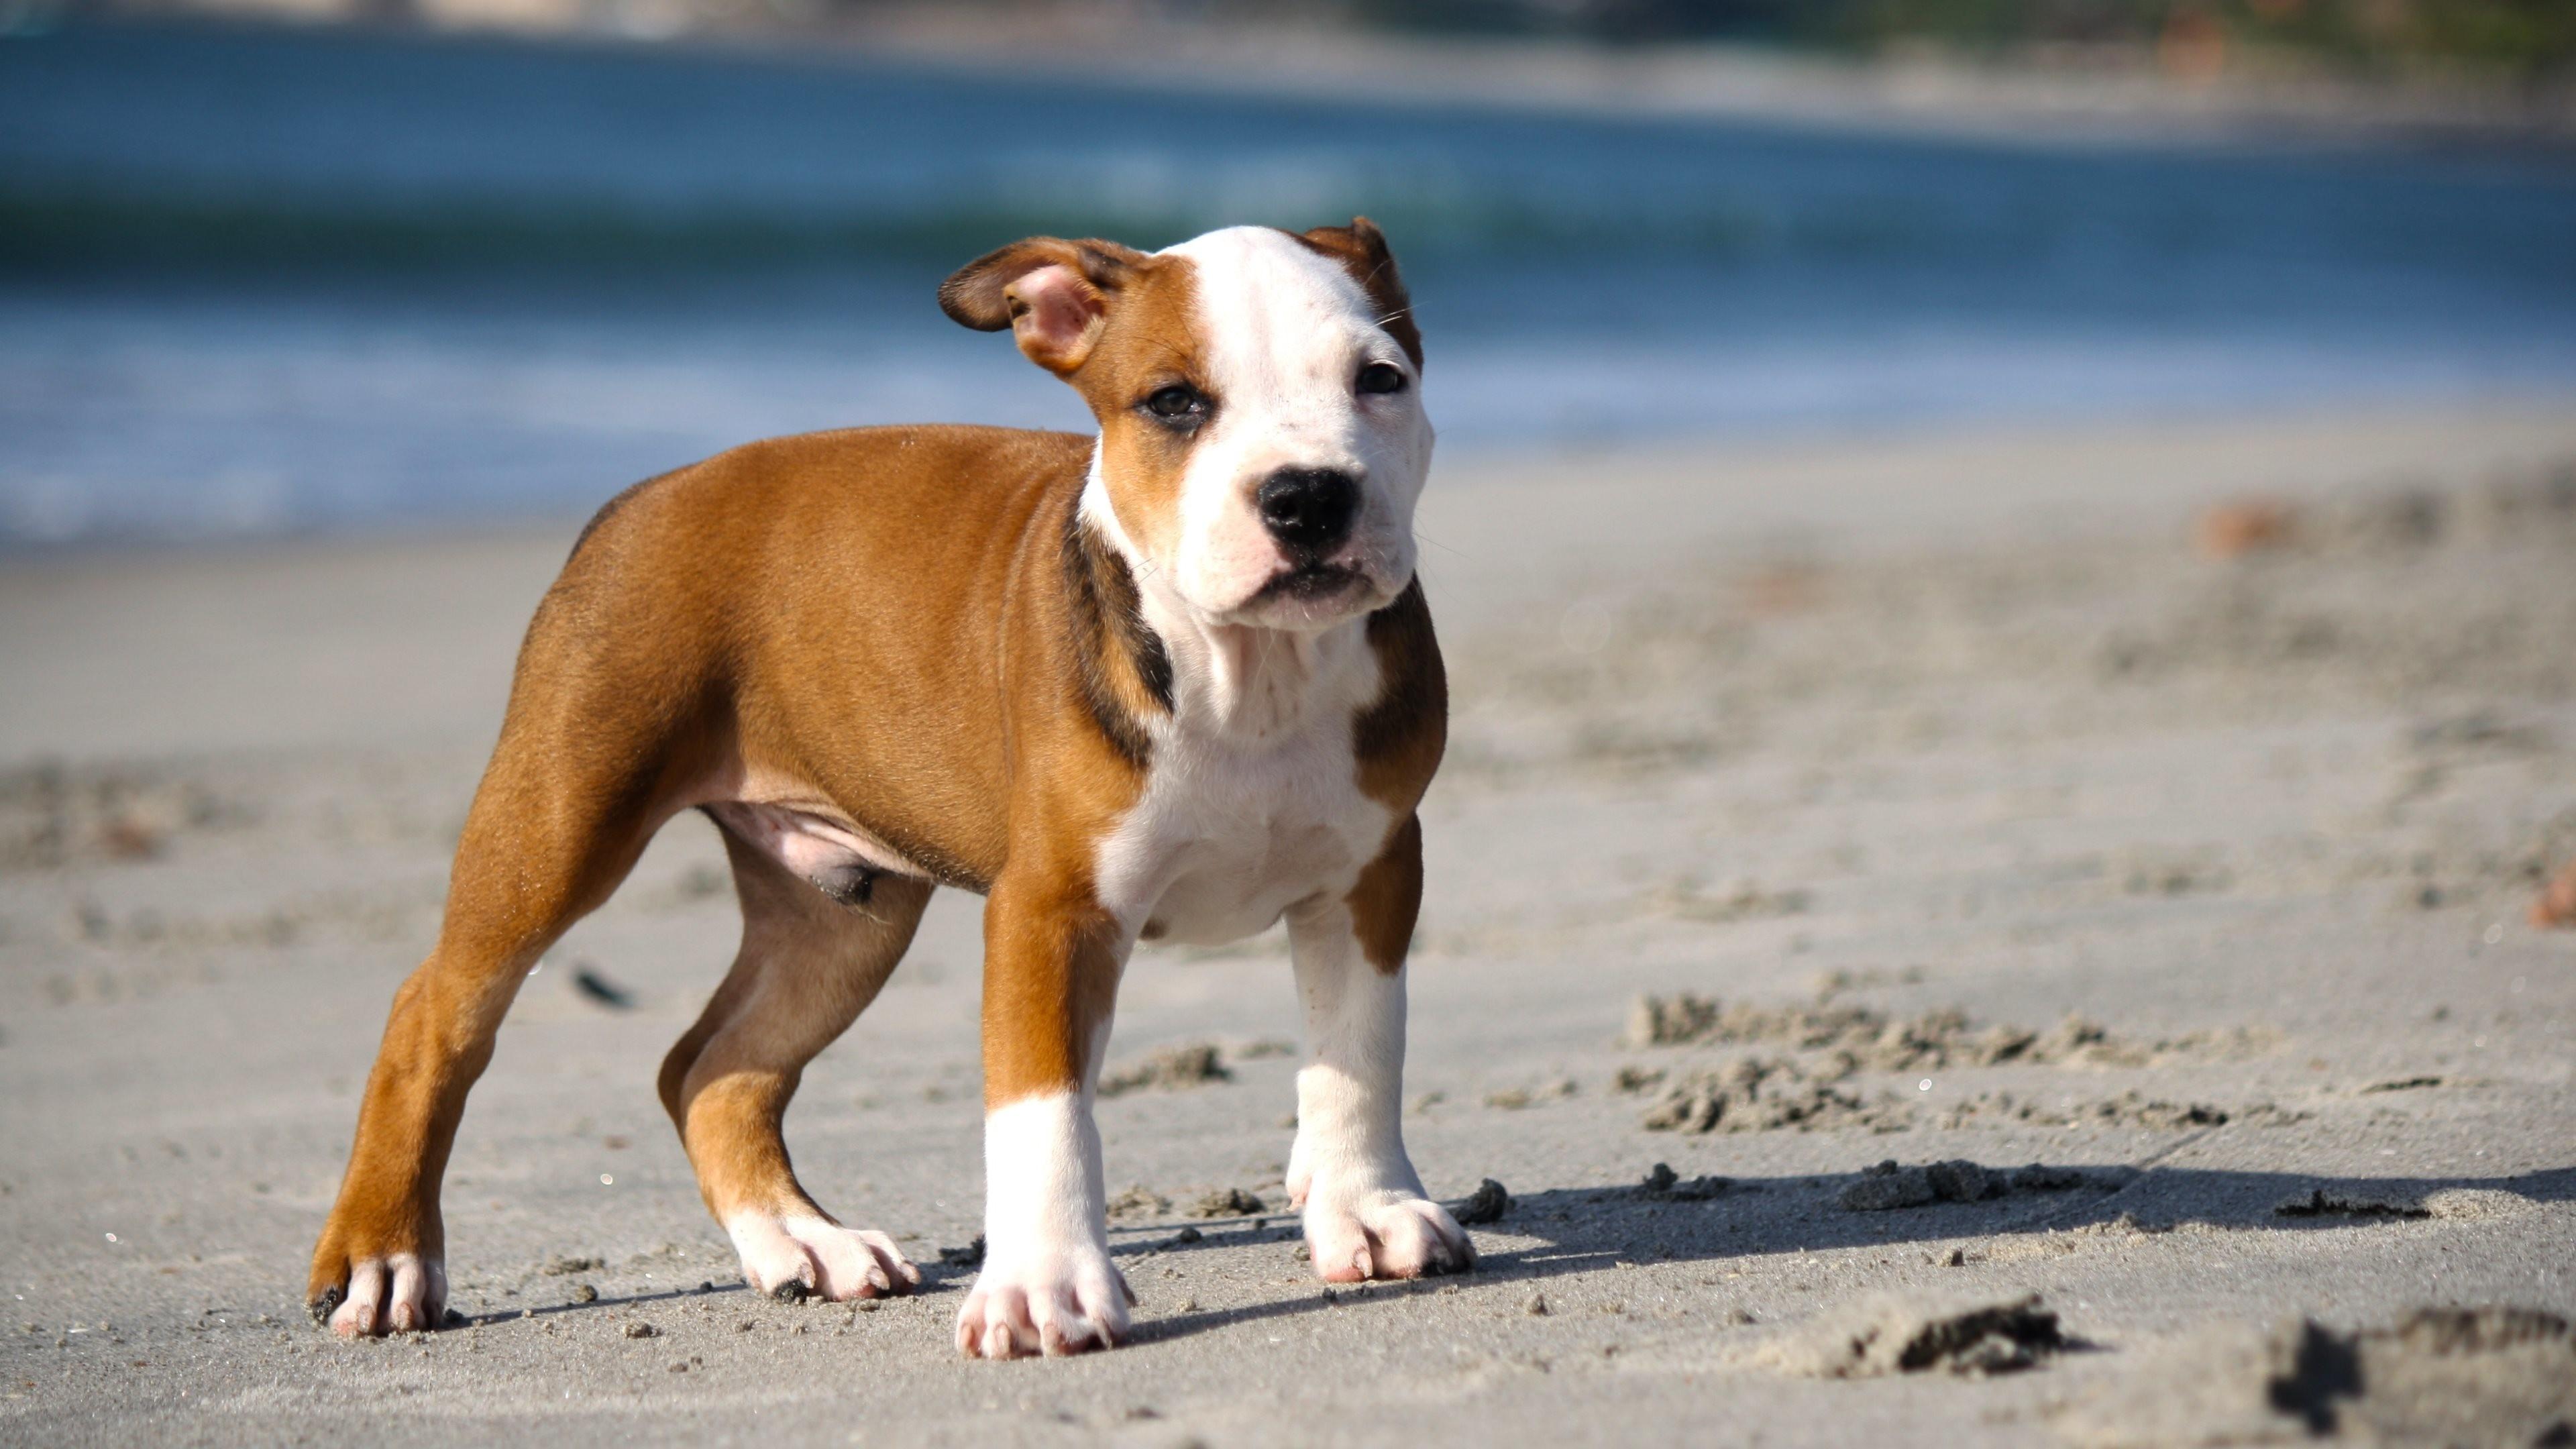 Pitbull Dog Quotes Pitbull Dog Wallpaper ·①